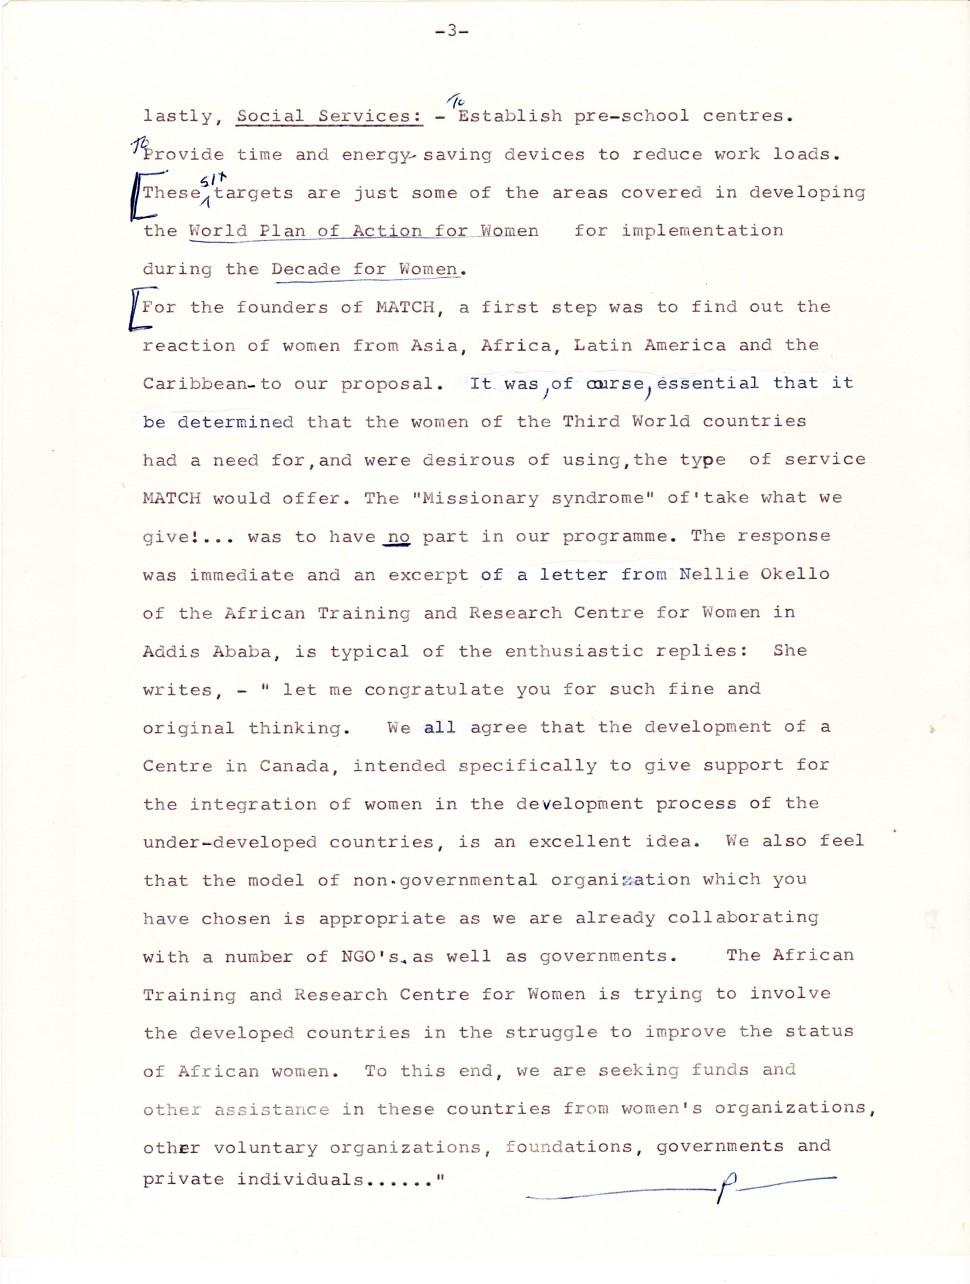 MATCH - Page 3